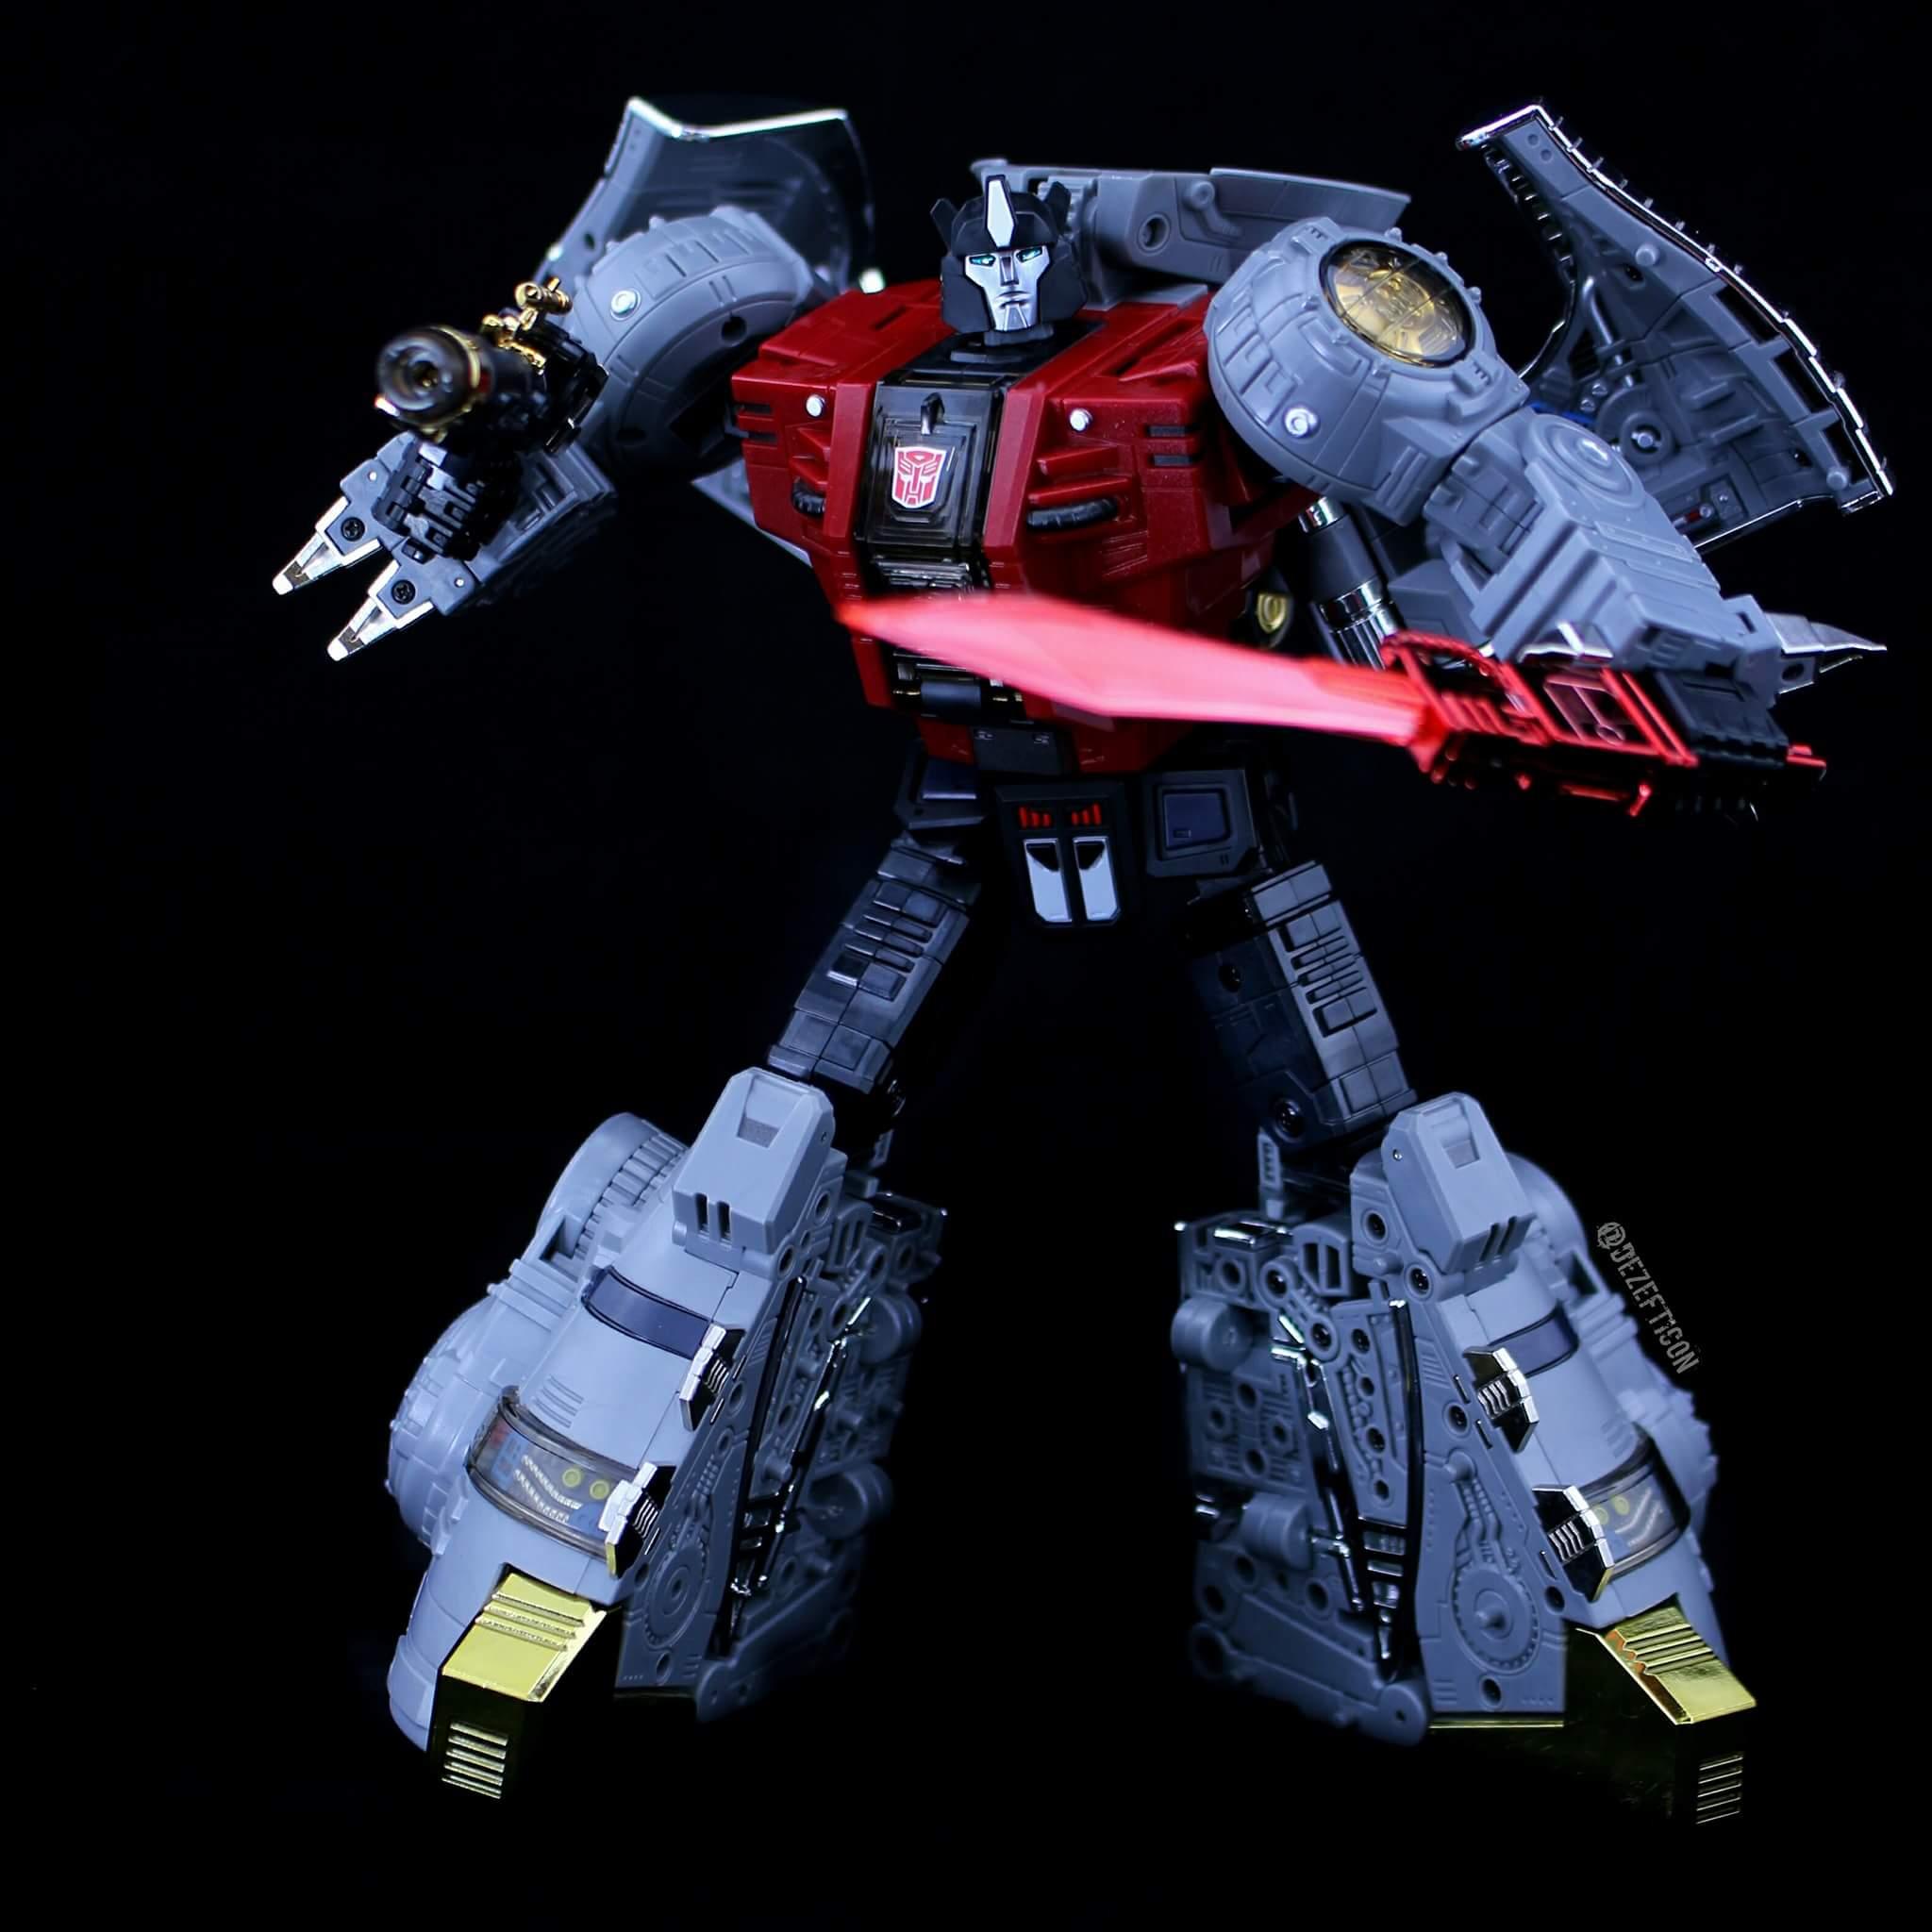 [Fanstoys] Produit Tiers - Dinobots - FT-04 Scoria, FT-05 Soar, FT-06 Sever, FT-07 Stomp, FT-08 Grinder - Page 9 Omnsl1y2